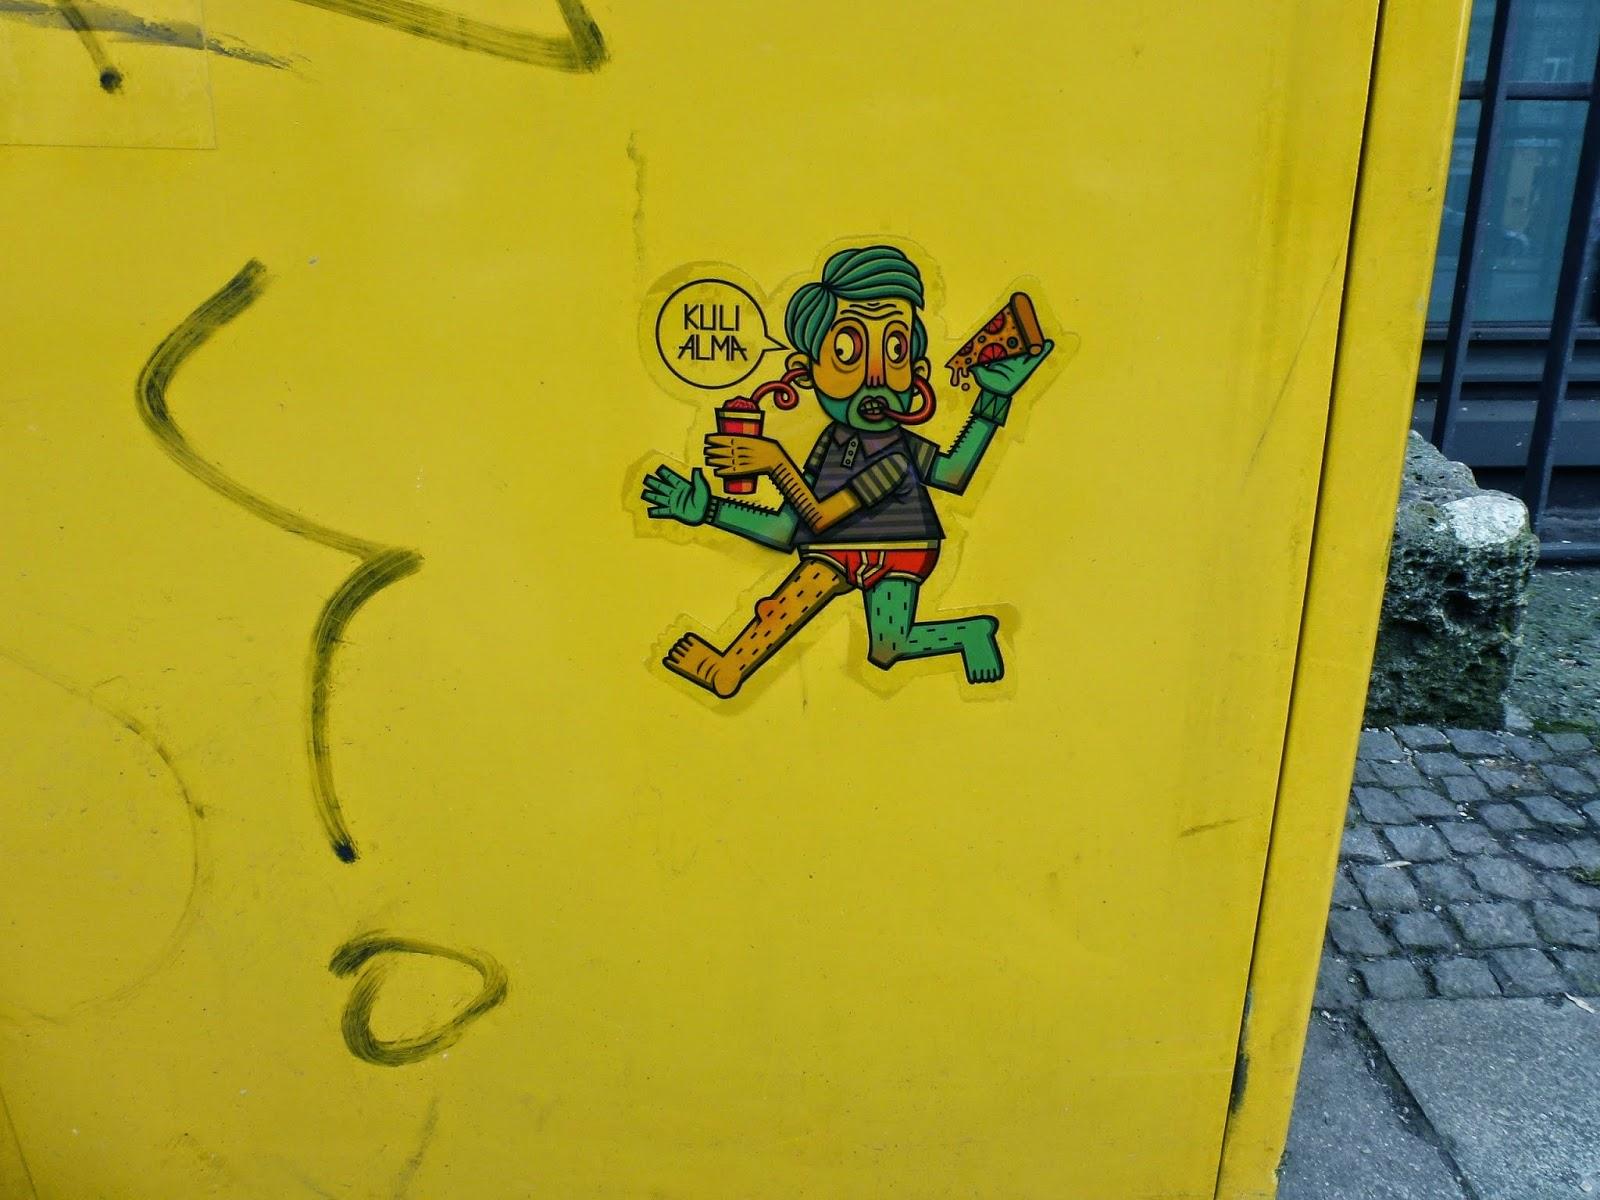 Sticker, Graffiti, Urbanart